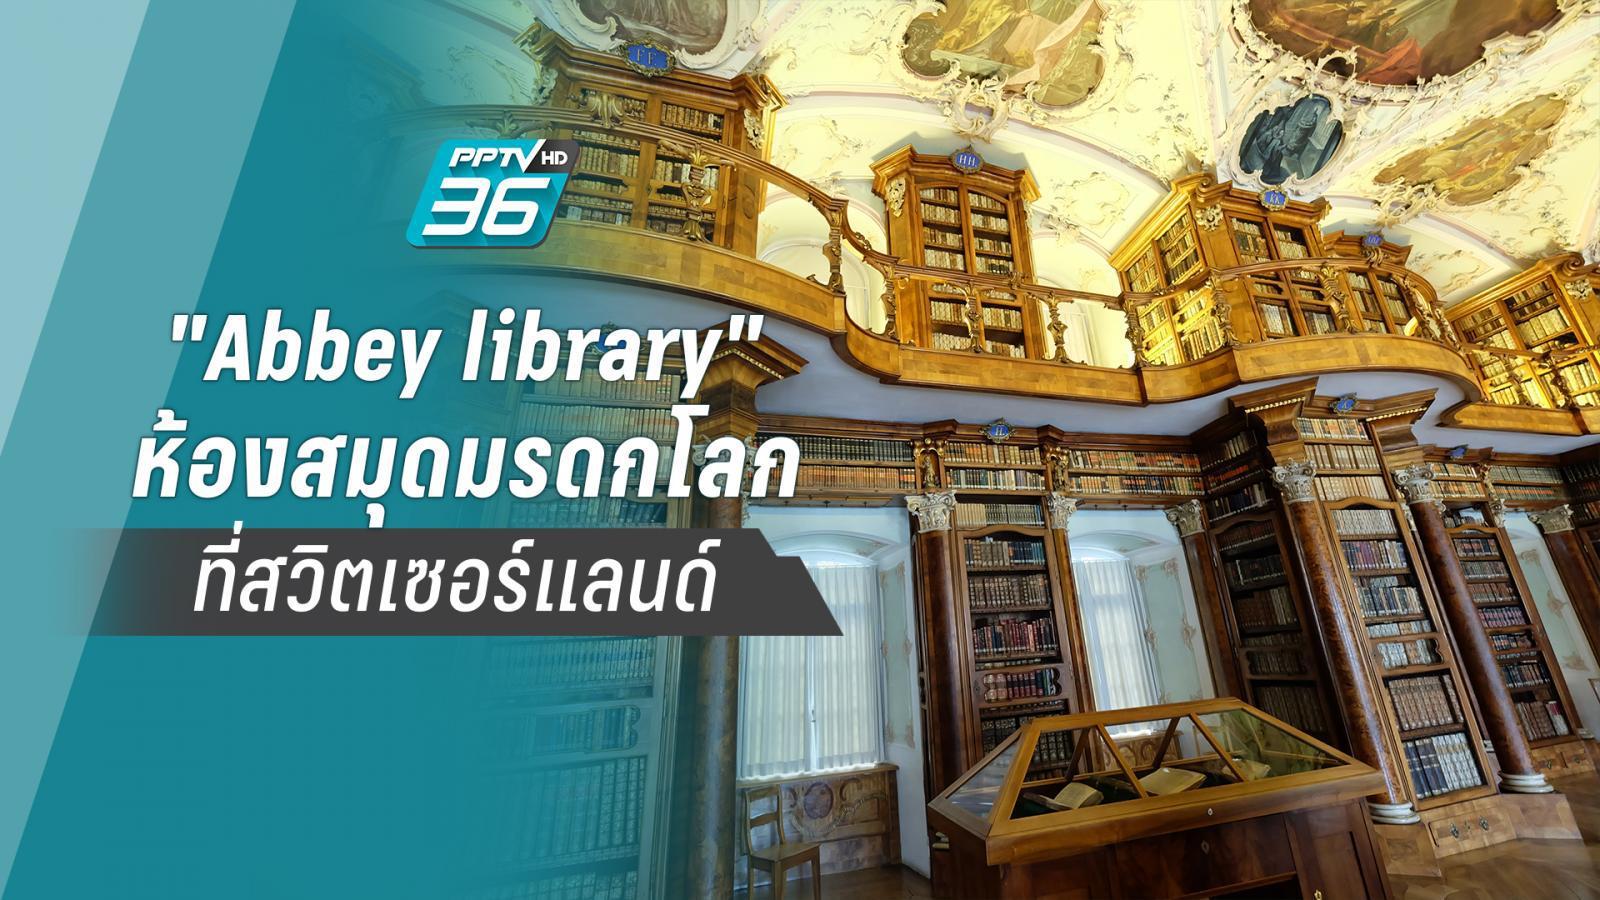 """""""Abbey library"""" ห้องสมุดมรดกโลกที่เก่าแก่ที่สุดในโลก"""